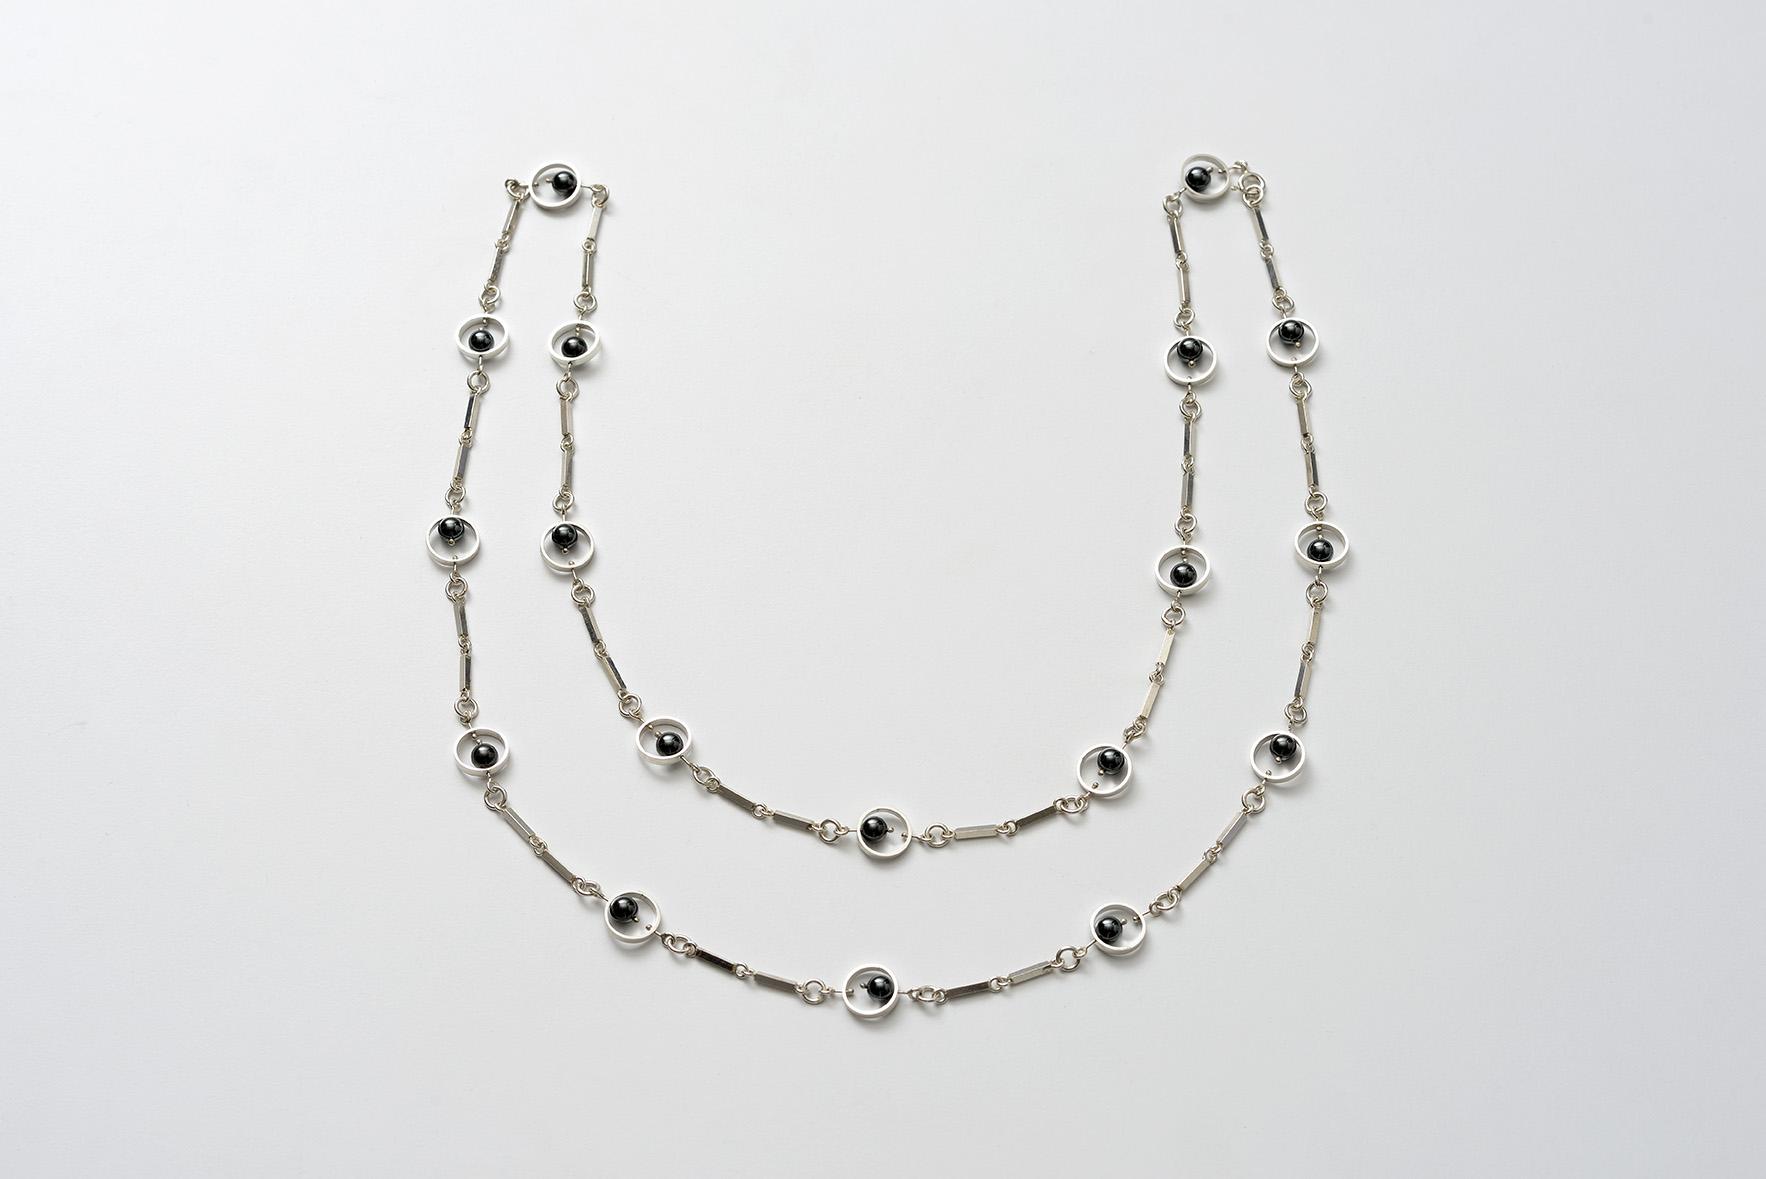 Collane artigianali - Cora